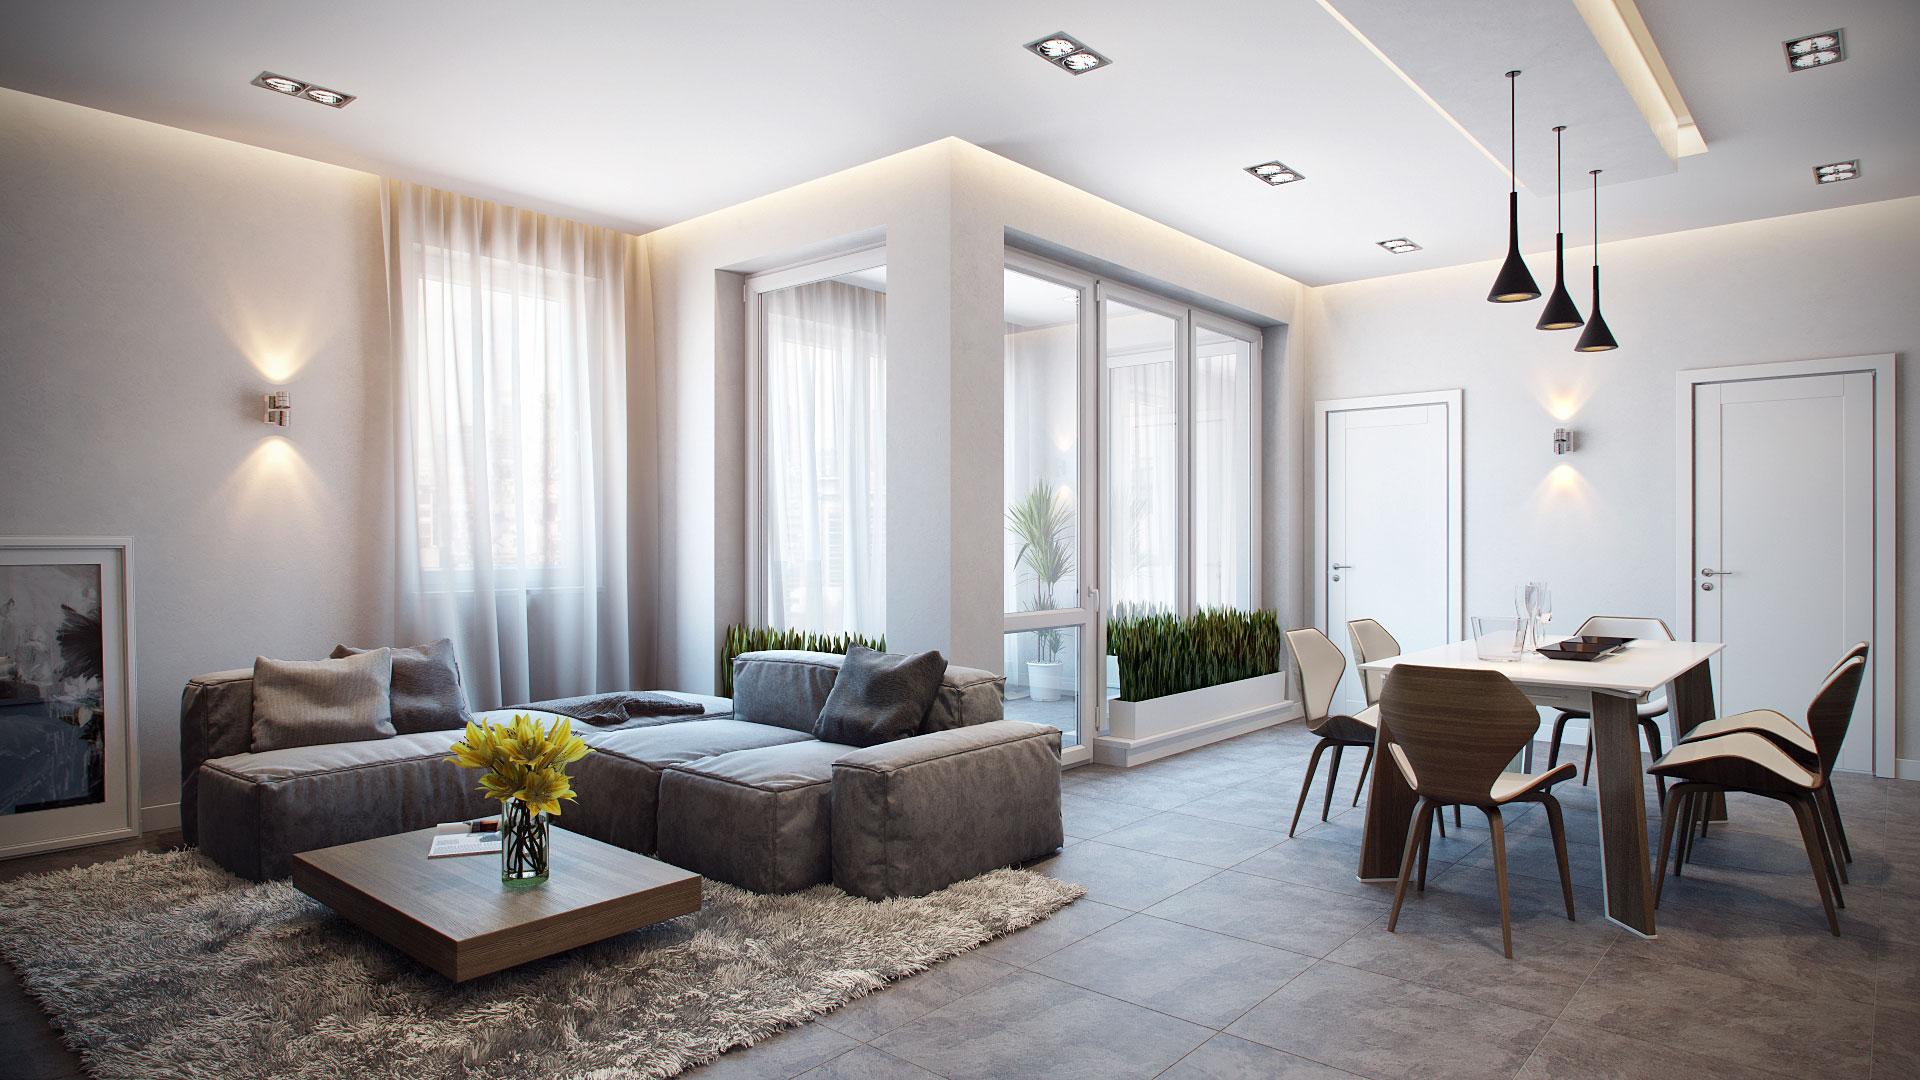 Почему всё больше людей выбирают авторский дизайн квартиры?